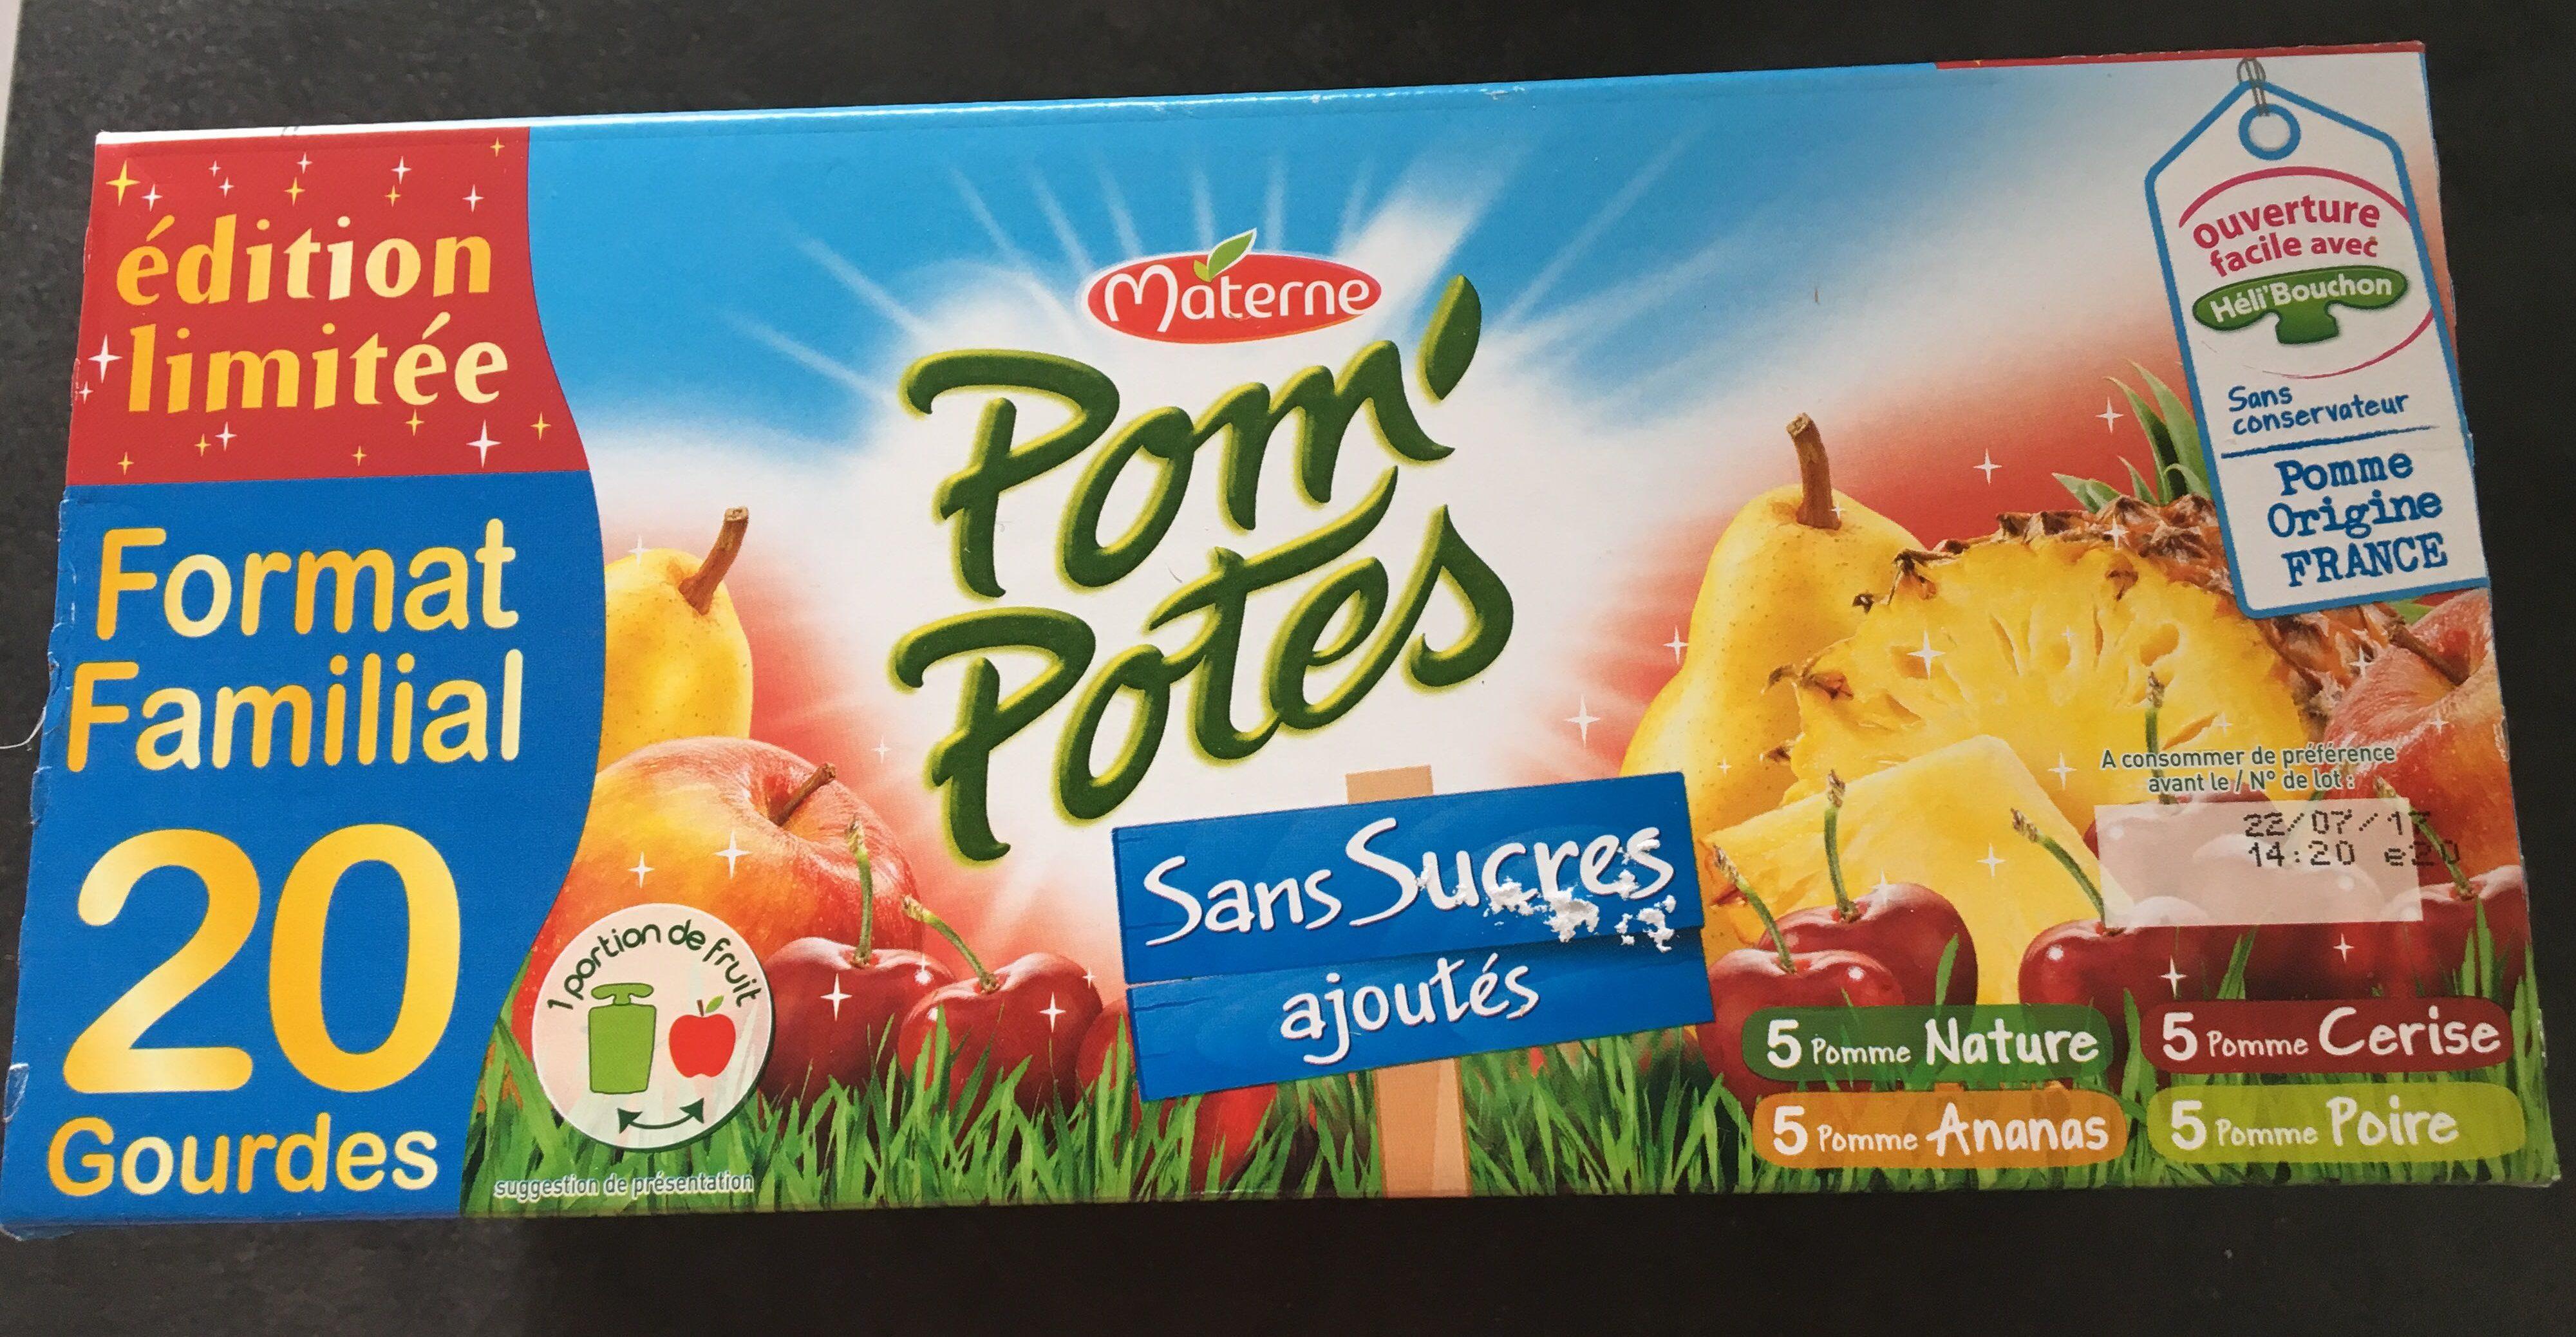 Pom'potes sans sucres ajoutés (format familial) - Produit - fr